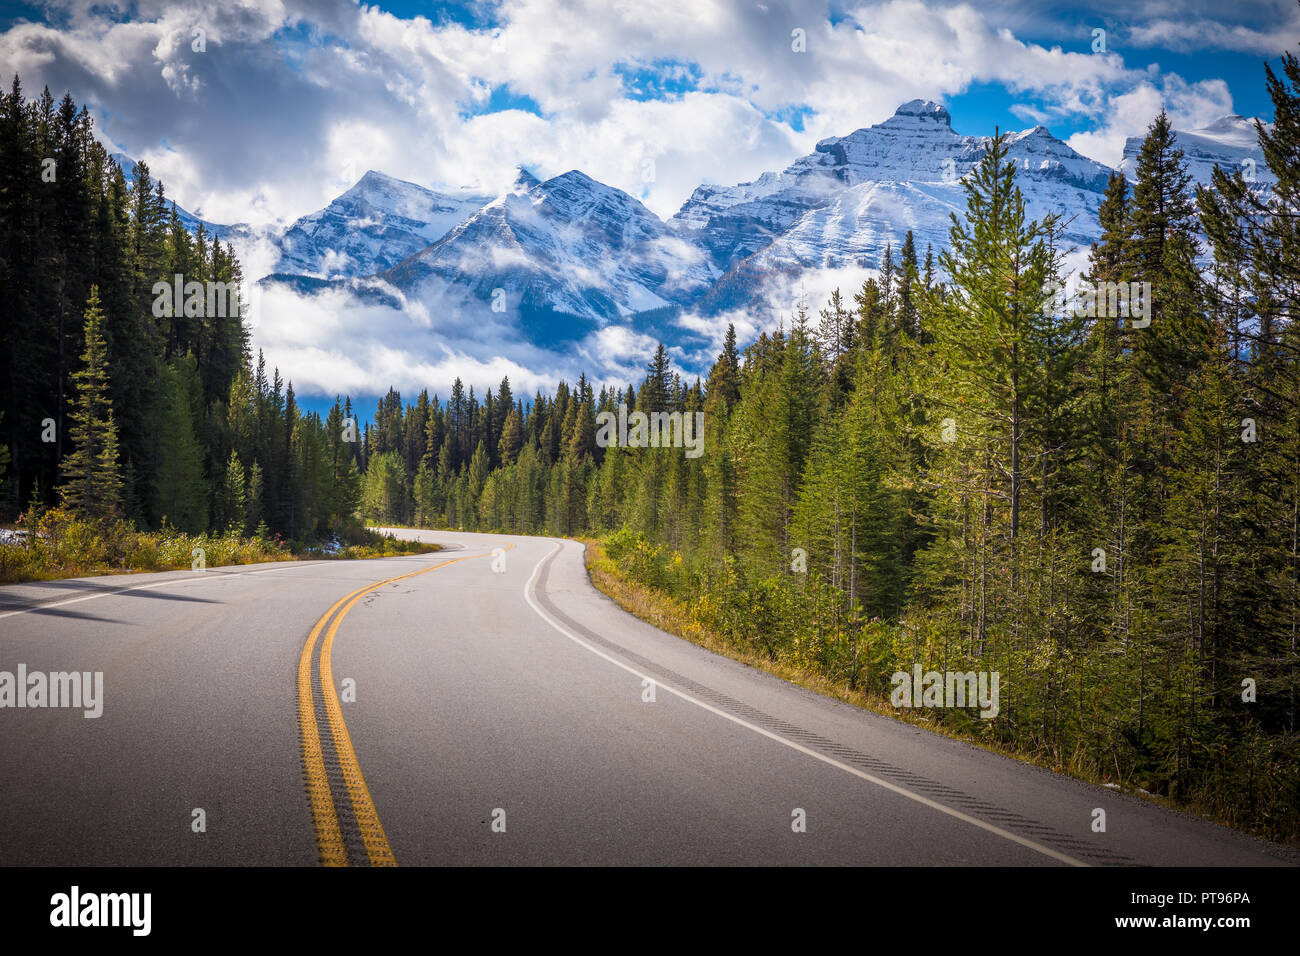 Autostrada 93 è un nord-sud in autostrada in Alberta, Canada. È anche noto come Banff-Windermere Parkway a sud dell'Autostrada Trans-Canada Highway (1) Immagini Stock